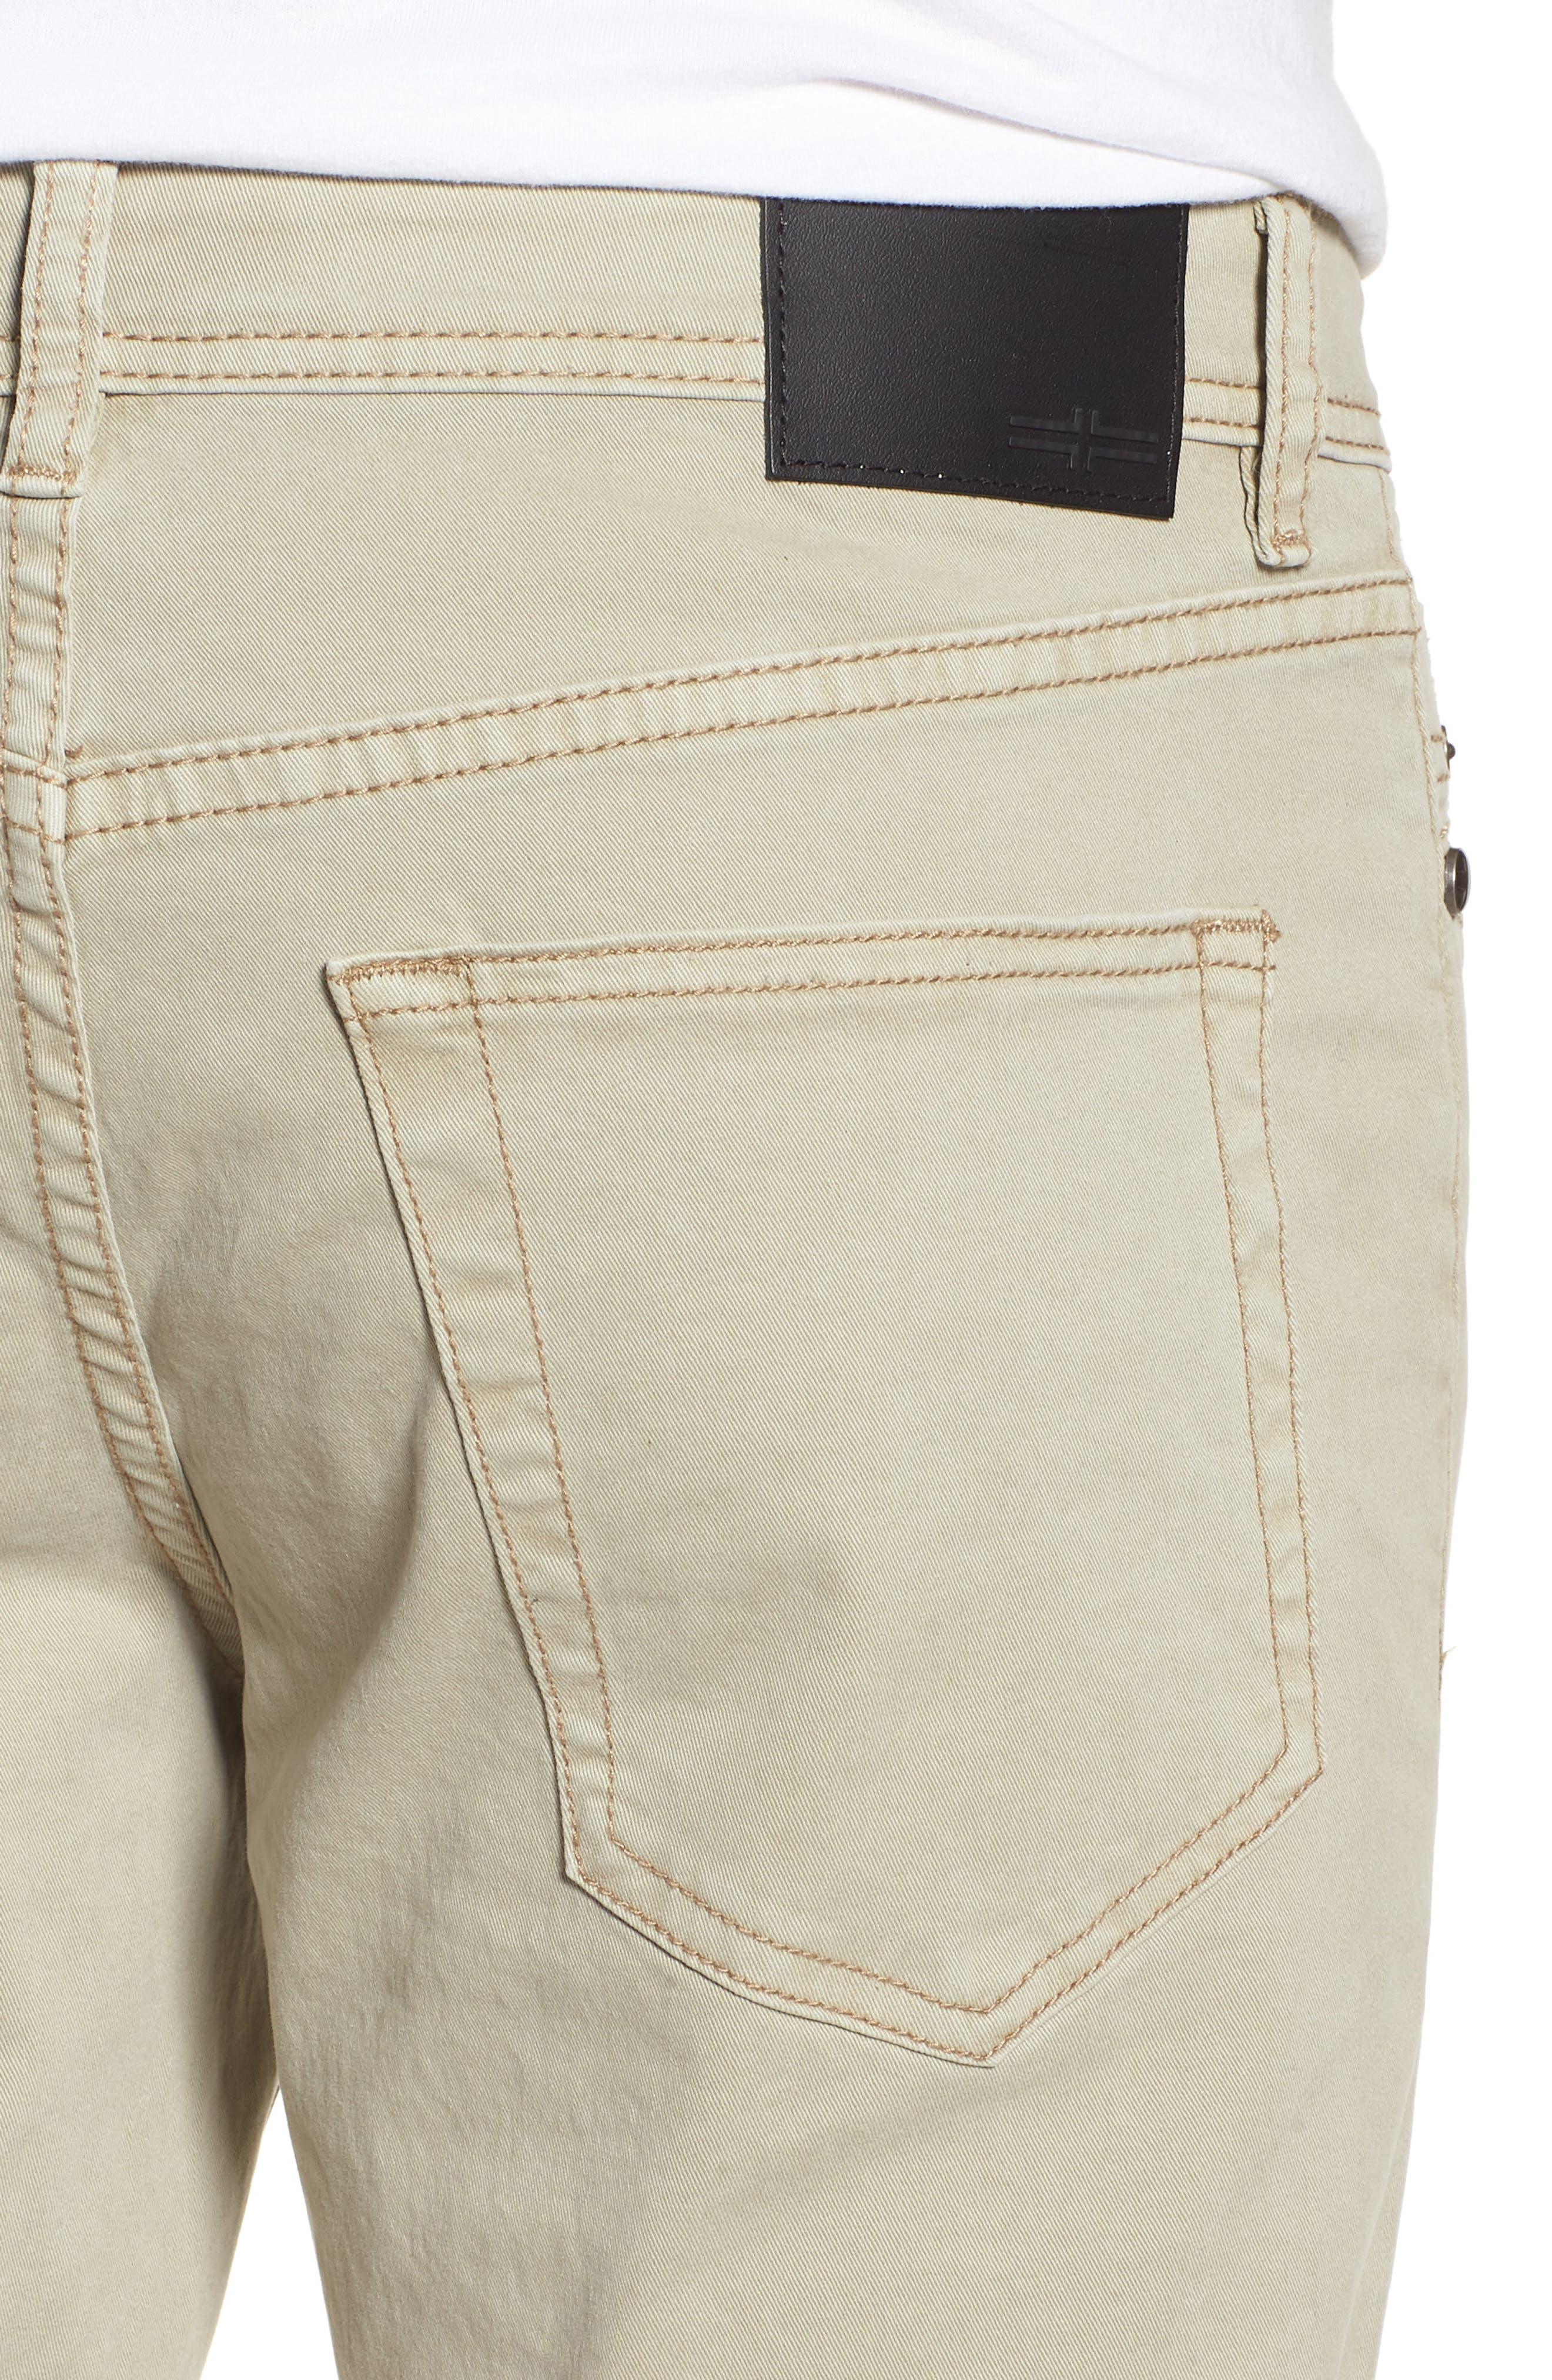 Jeans Co. Kingston Slim Straight Leg Jeans,                             Alternate thumbnail 5, color,                             SANDSTROM